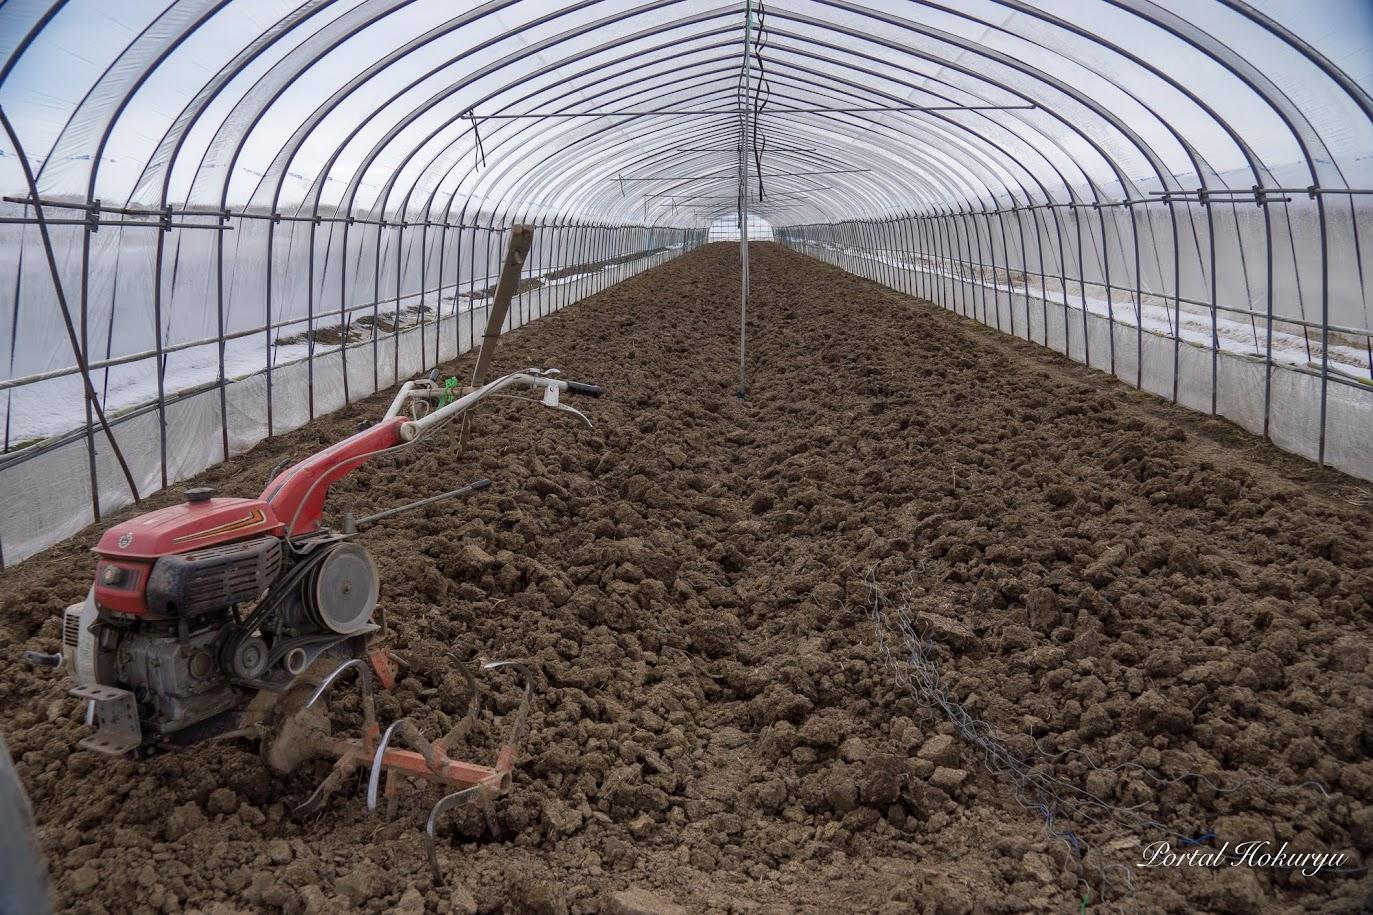 メロンハウス5棟(黄美香1棟)の土壌整備が引き続き行なわれます